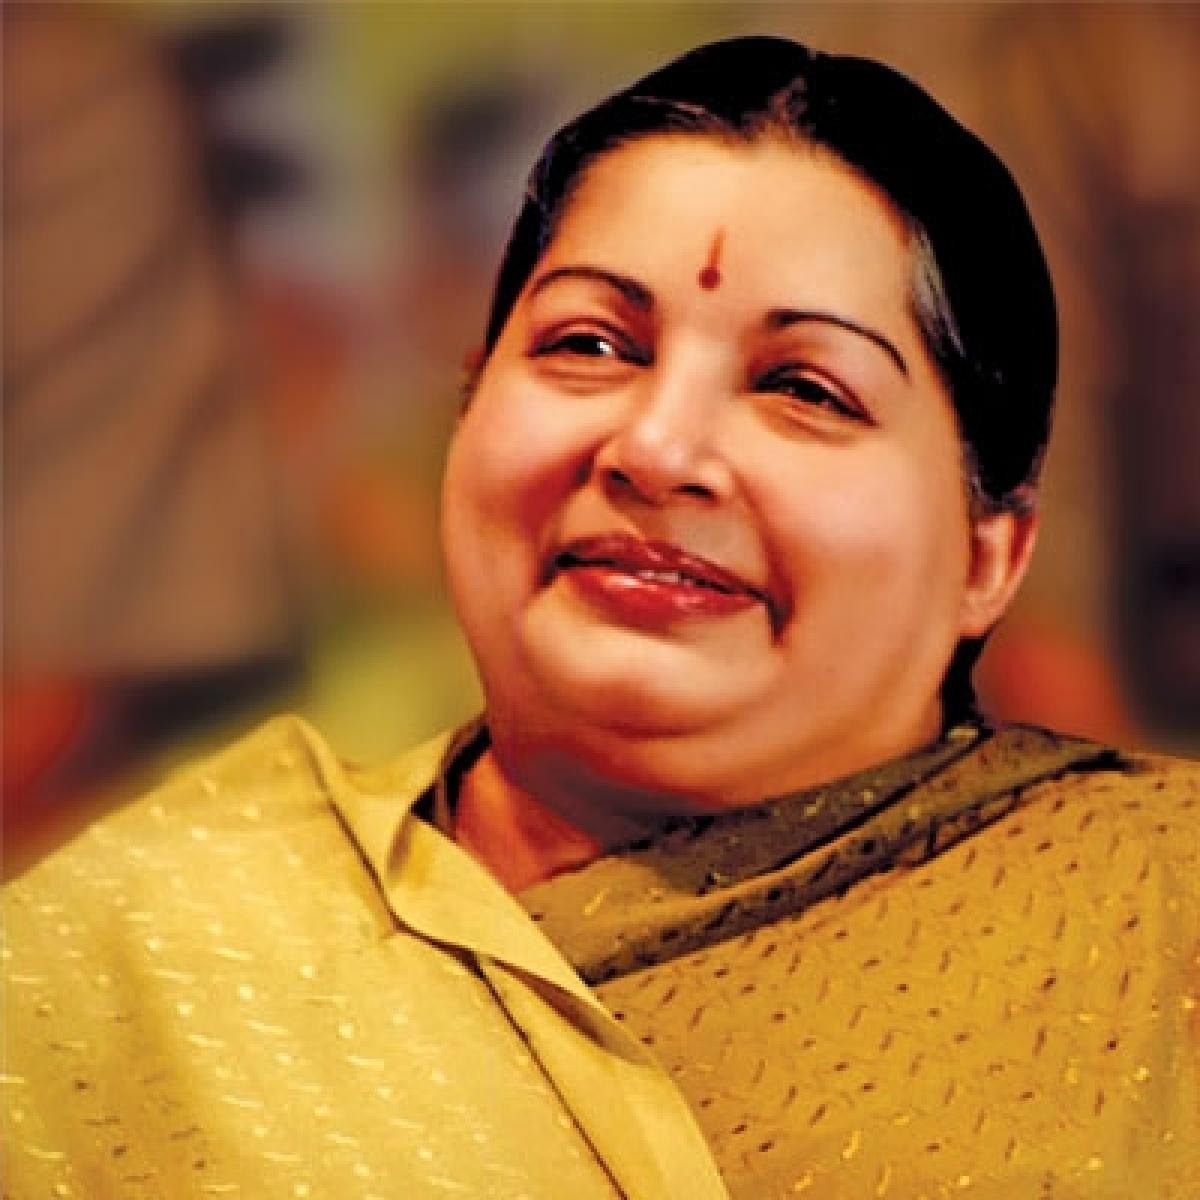 அன்புக்கு அஞ்சலி - ஜெ.ஜெயலலிதா 1948 - 2016